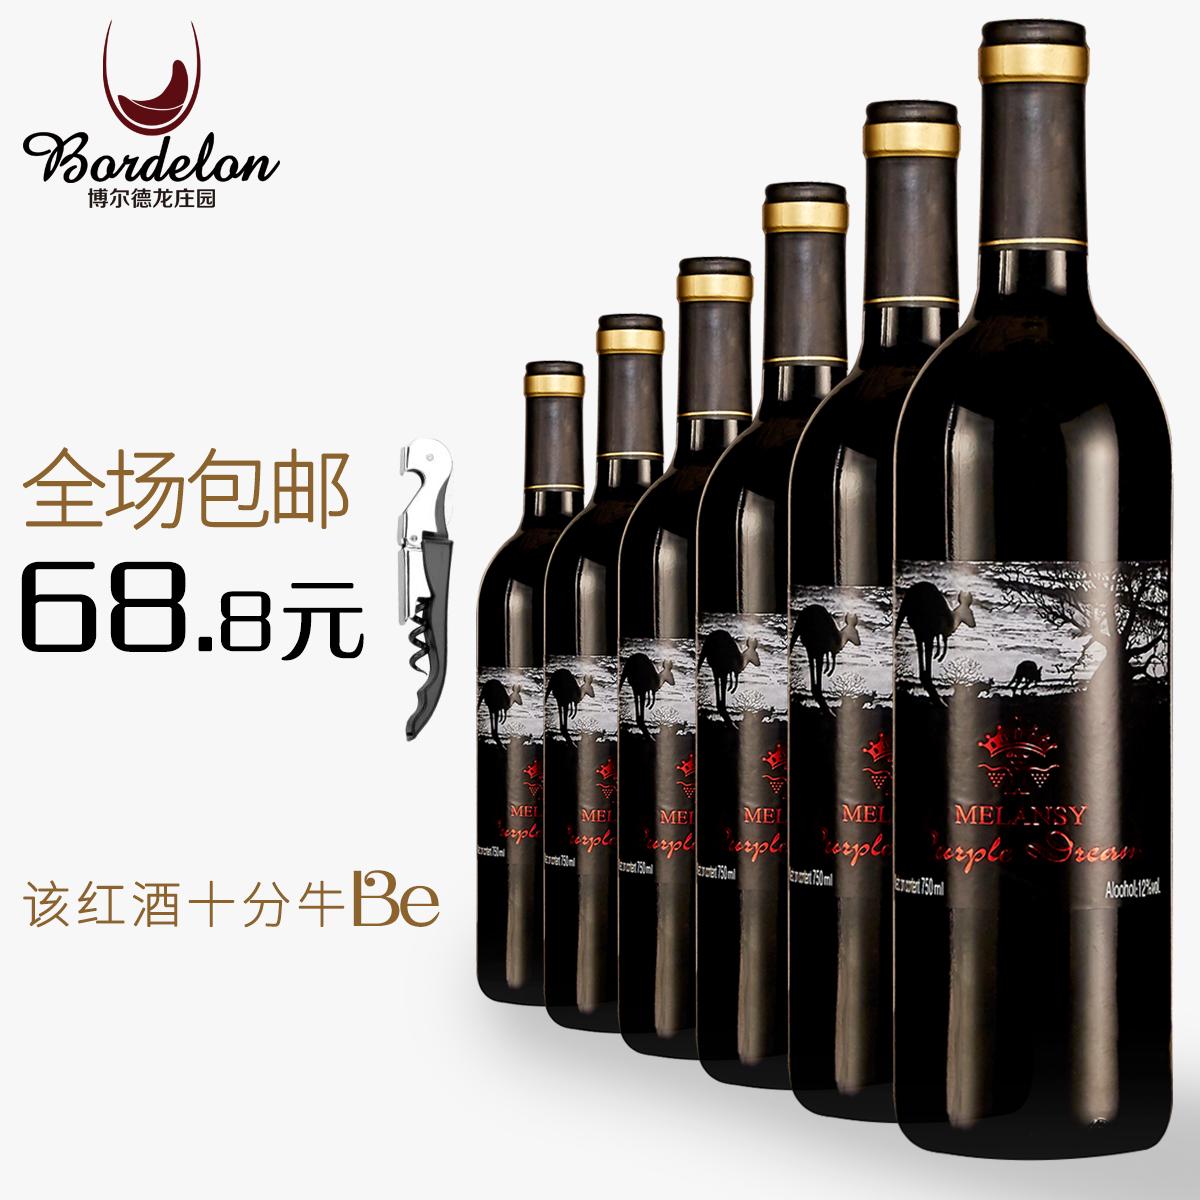 袋鼠红酒原汁葡萄酒红酒整箱6支装特价赤霞珠干红葡萄酒750ml装